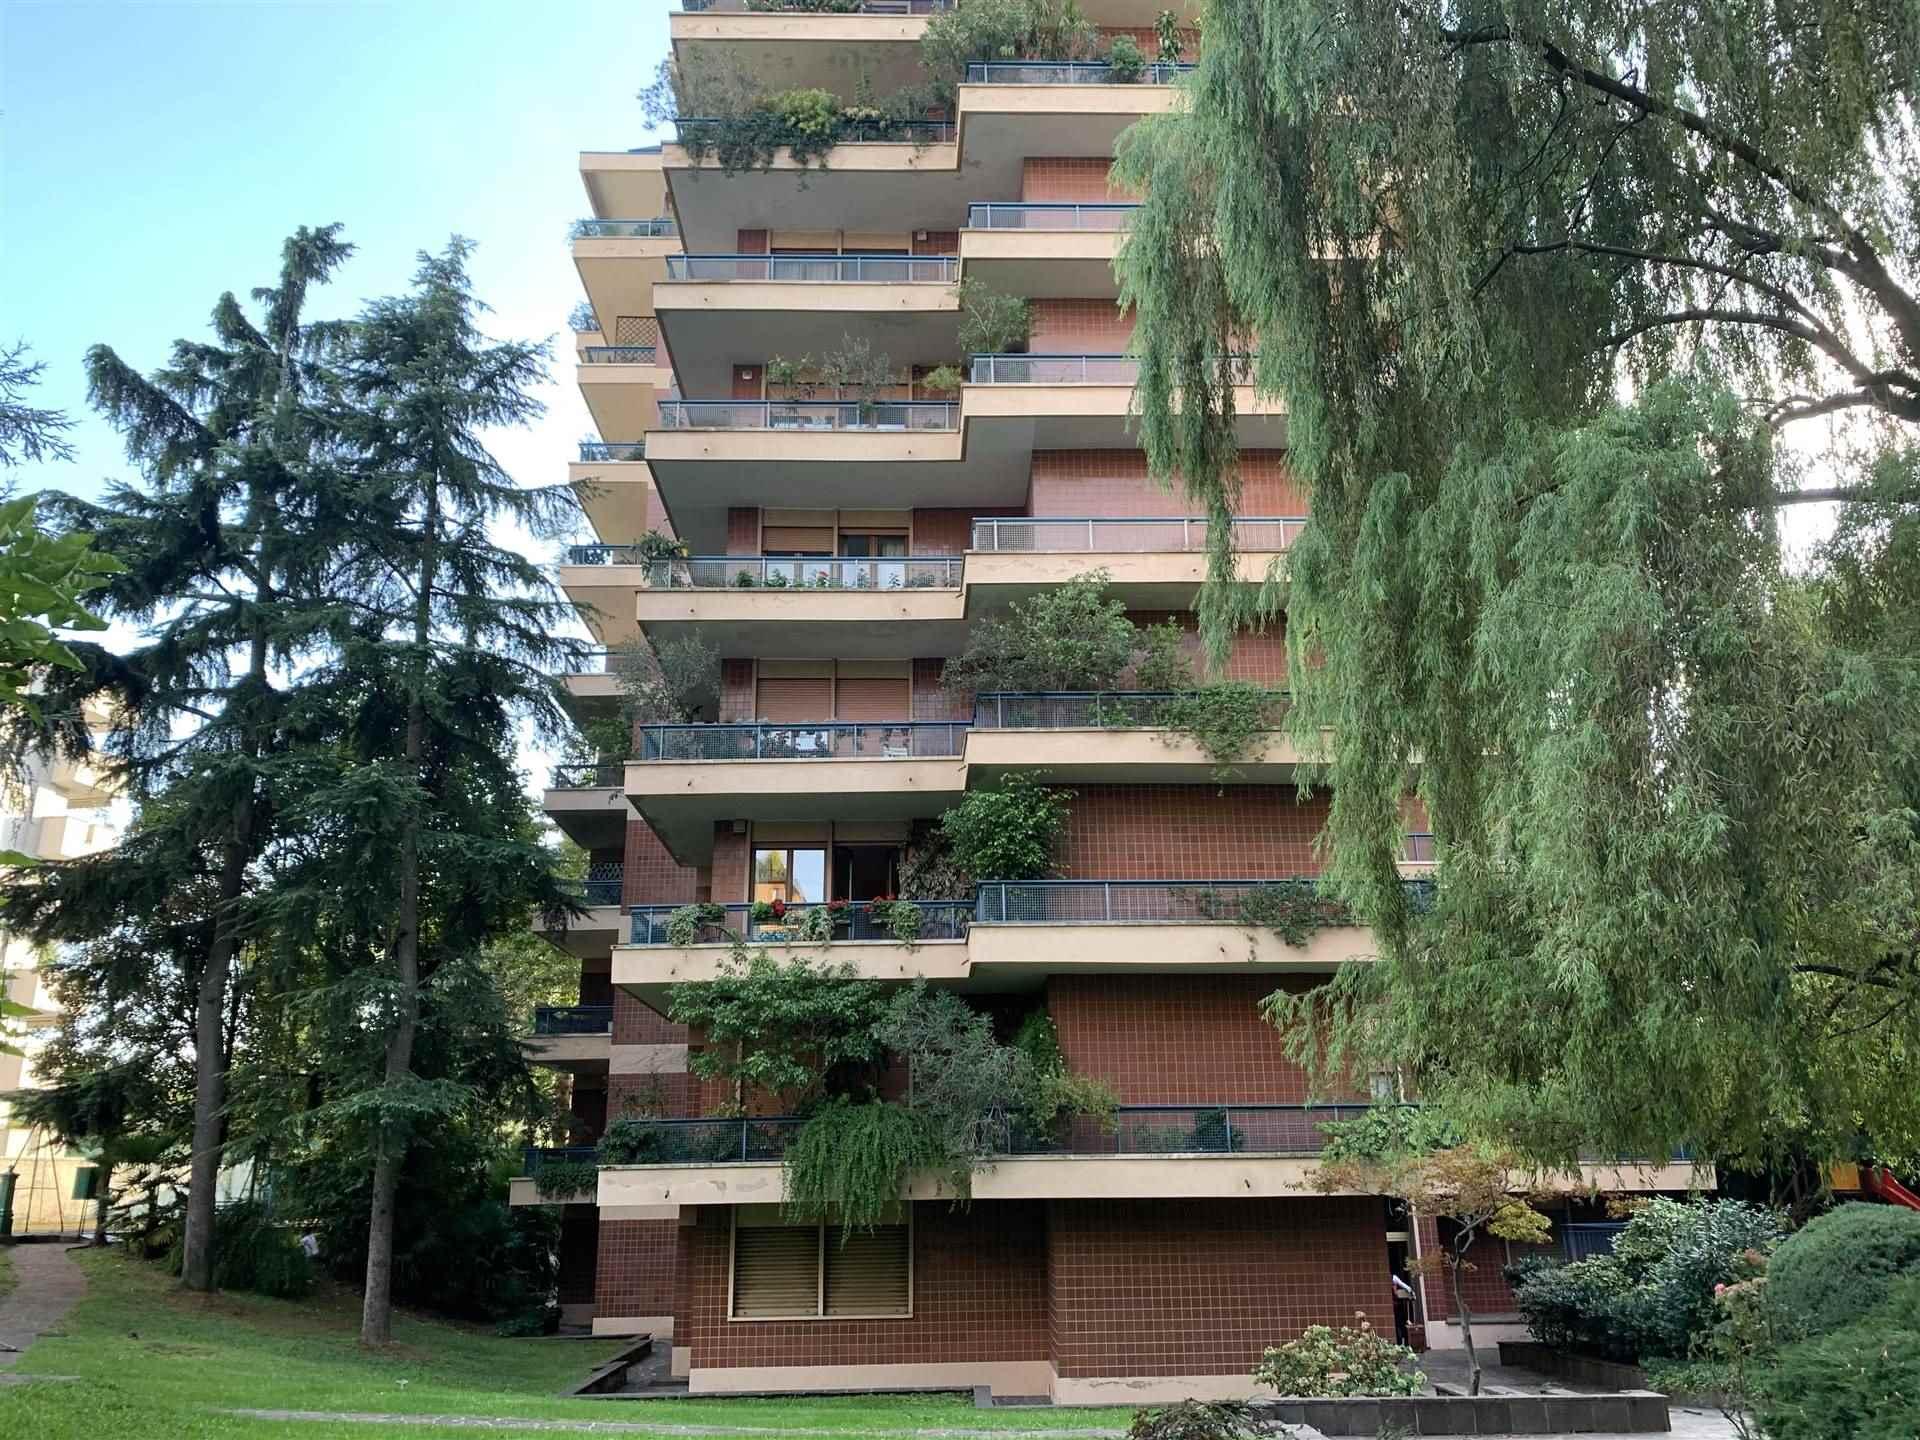 SAN SIRO-VIA PASSO DI BRIZIO Posizione: L'appartamento si inserisce in un pregevole quartiere sicuro e residenziale di Milano particolarmente